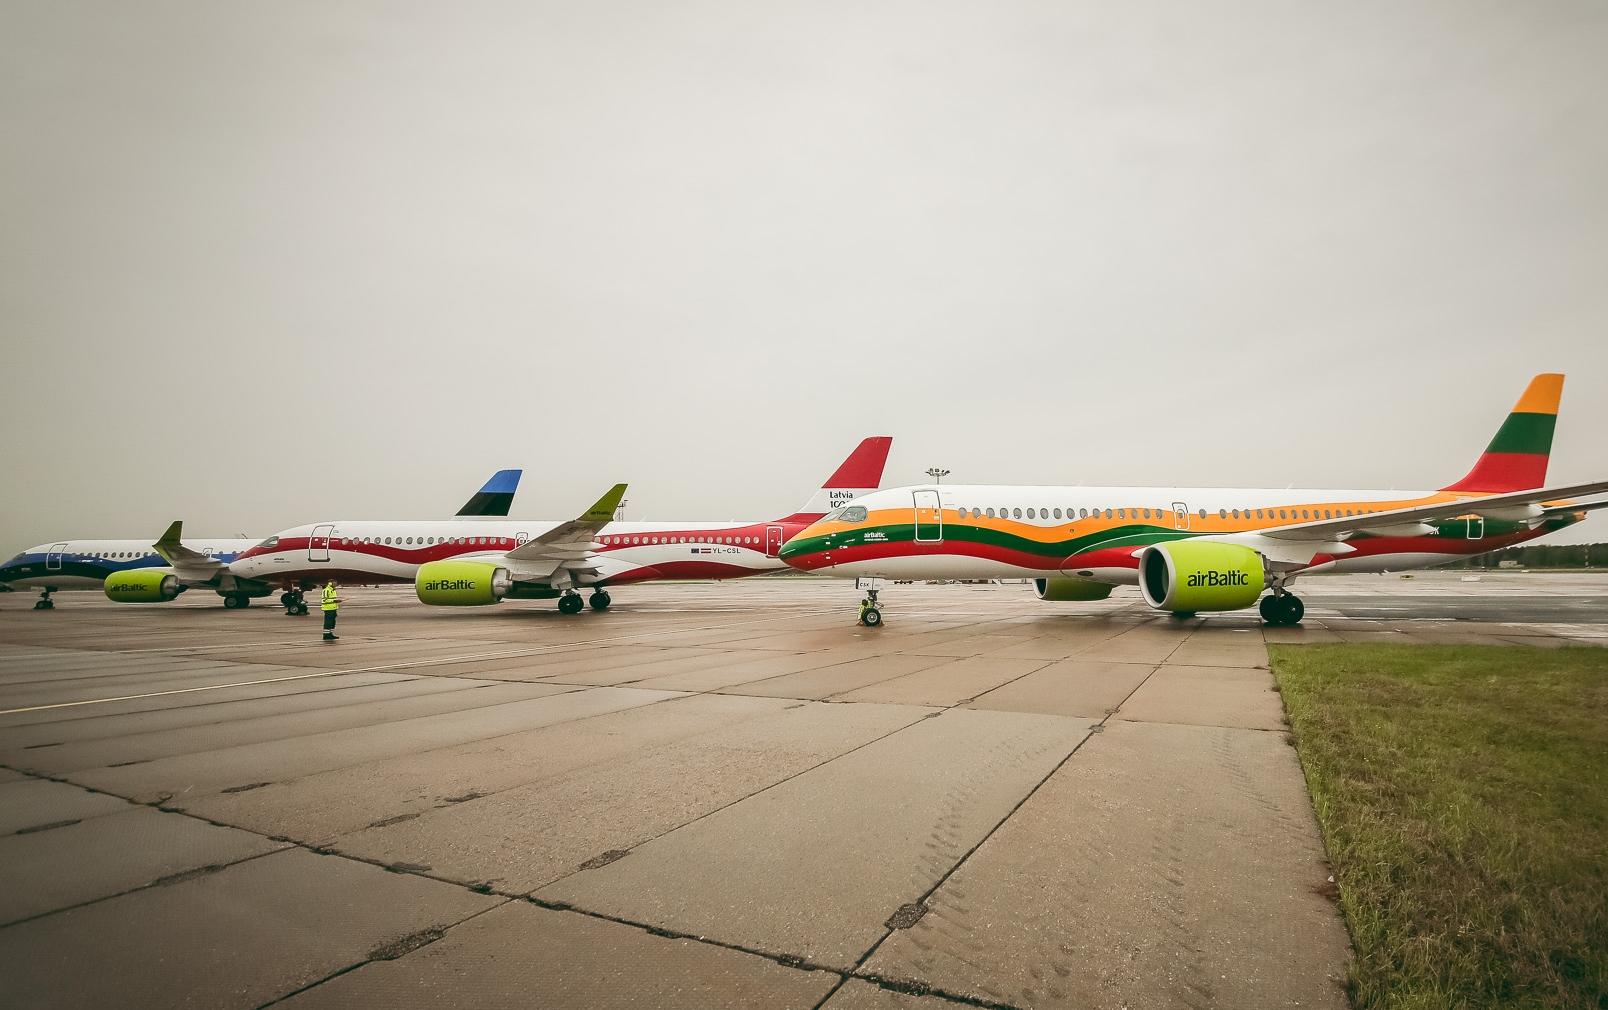 For første gang var de tre særmalede Airbus A220-300 fra AirBaltic forleden samlet for at markere 30-året for vigtig milepæl for, at de tre baltiske lande kunne genvinde deres frihed. Hvert fly er malet i farverne fra flagene i Estland, Letland og Litauen. Foto: AirBaltic.